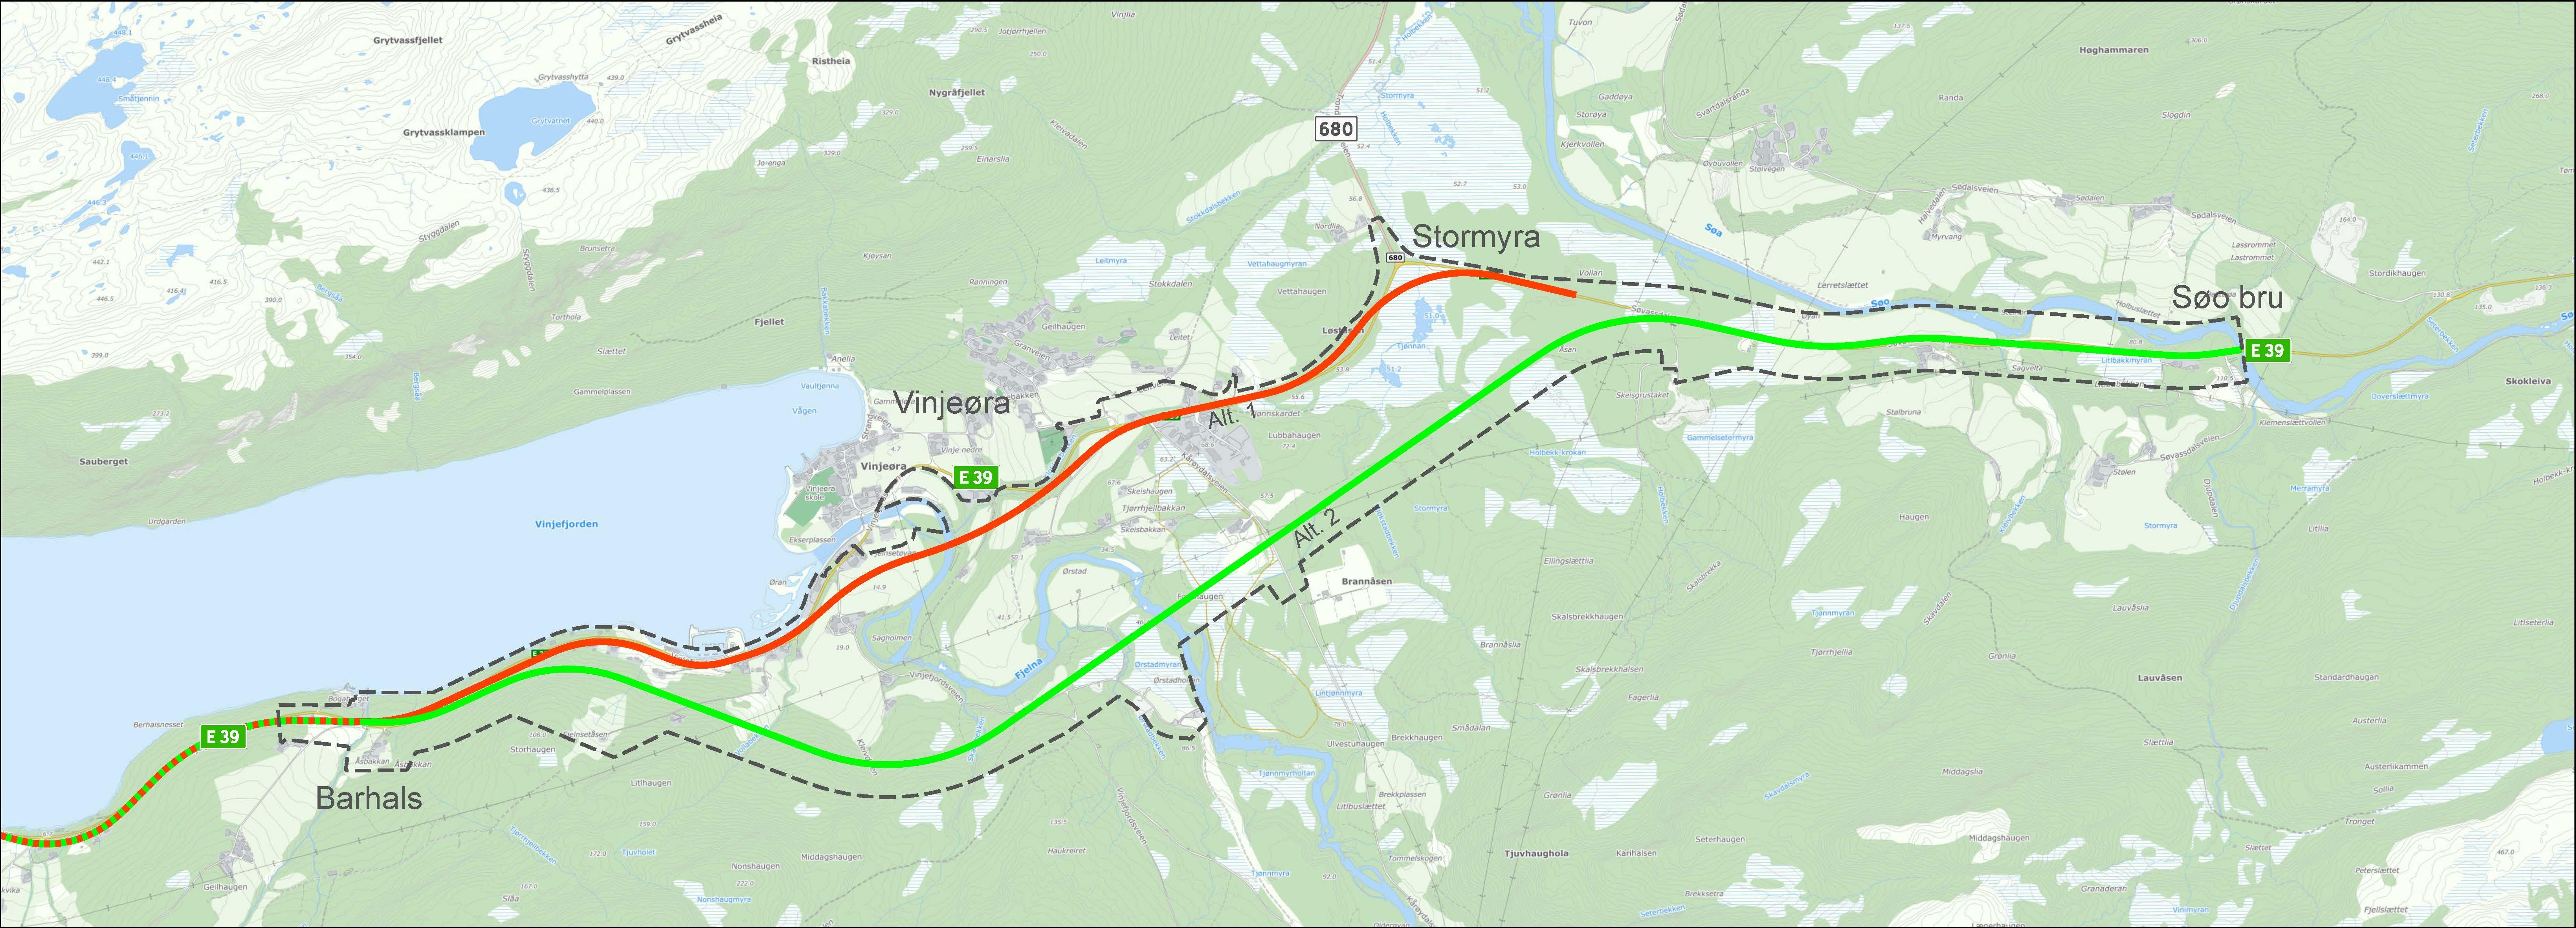 Kart hele planområdet (003) (002).jpg